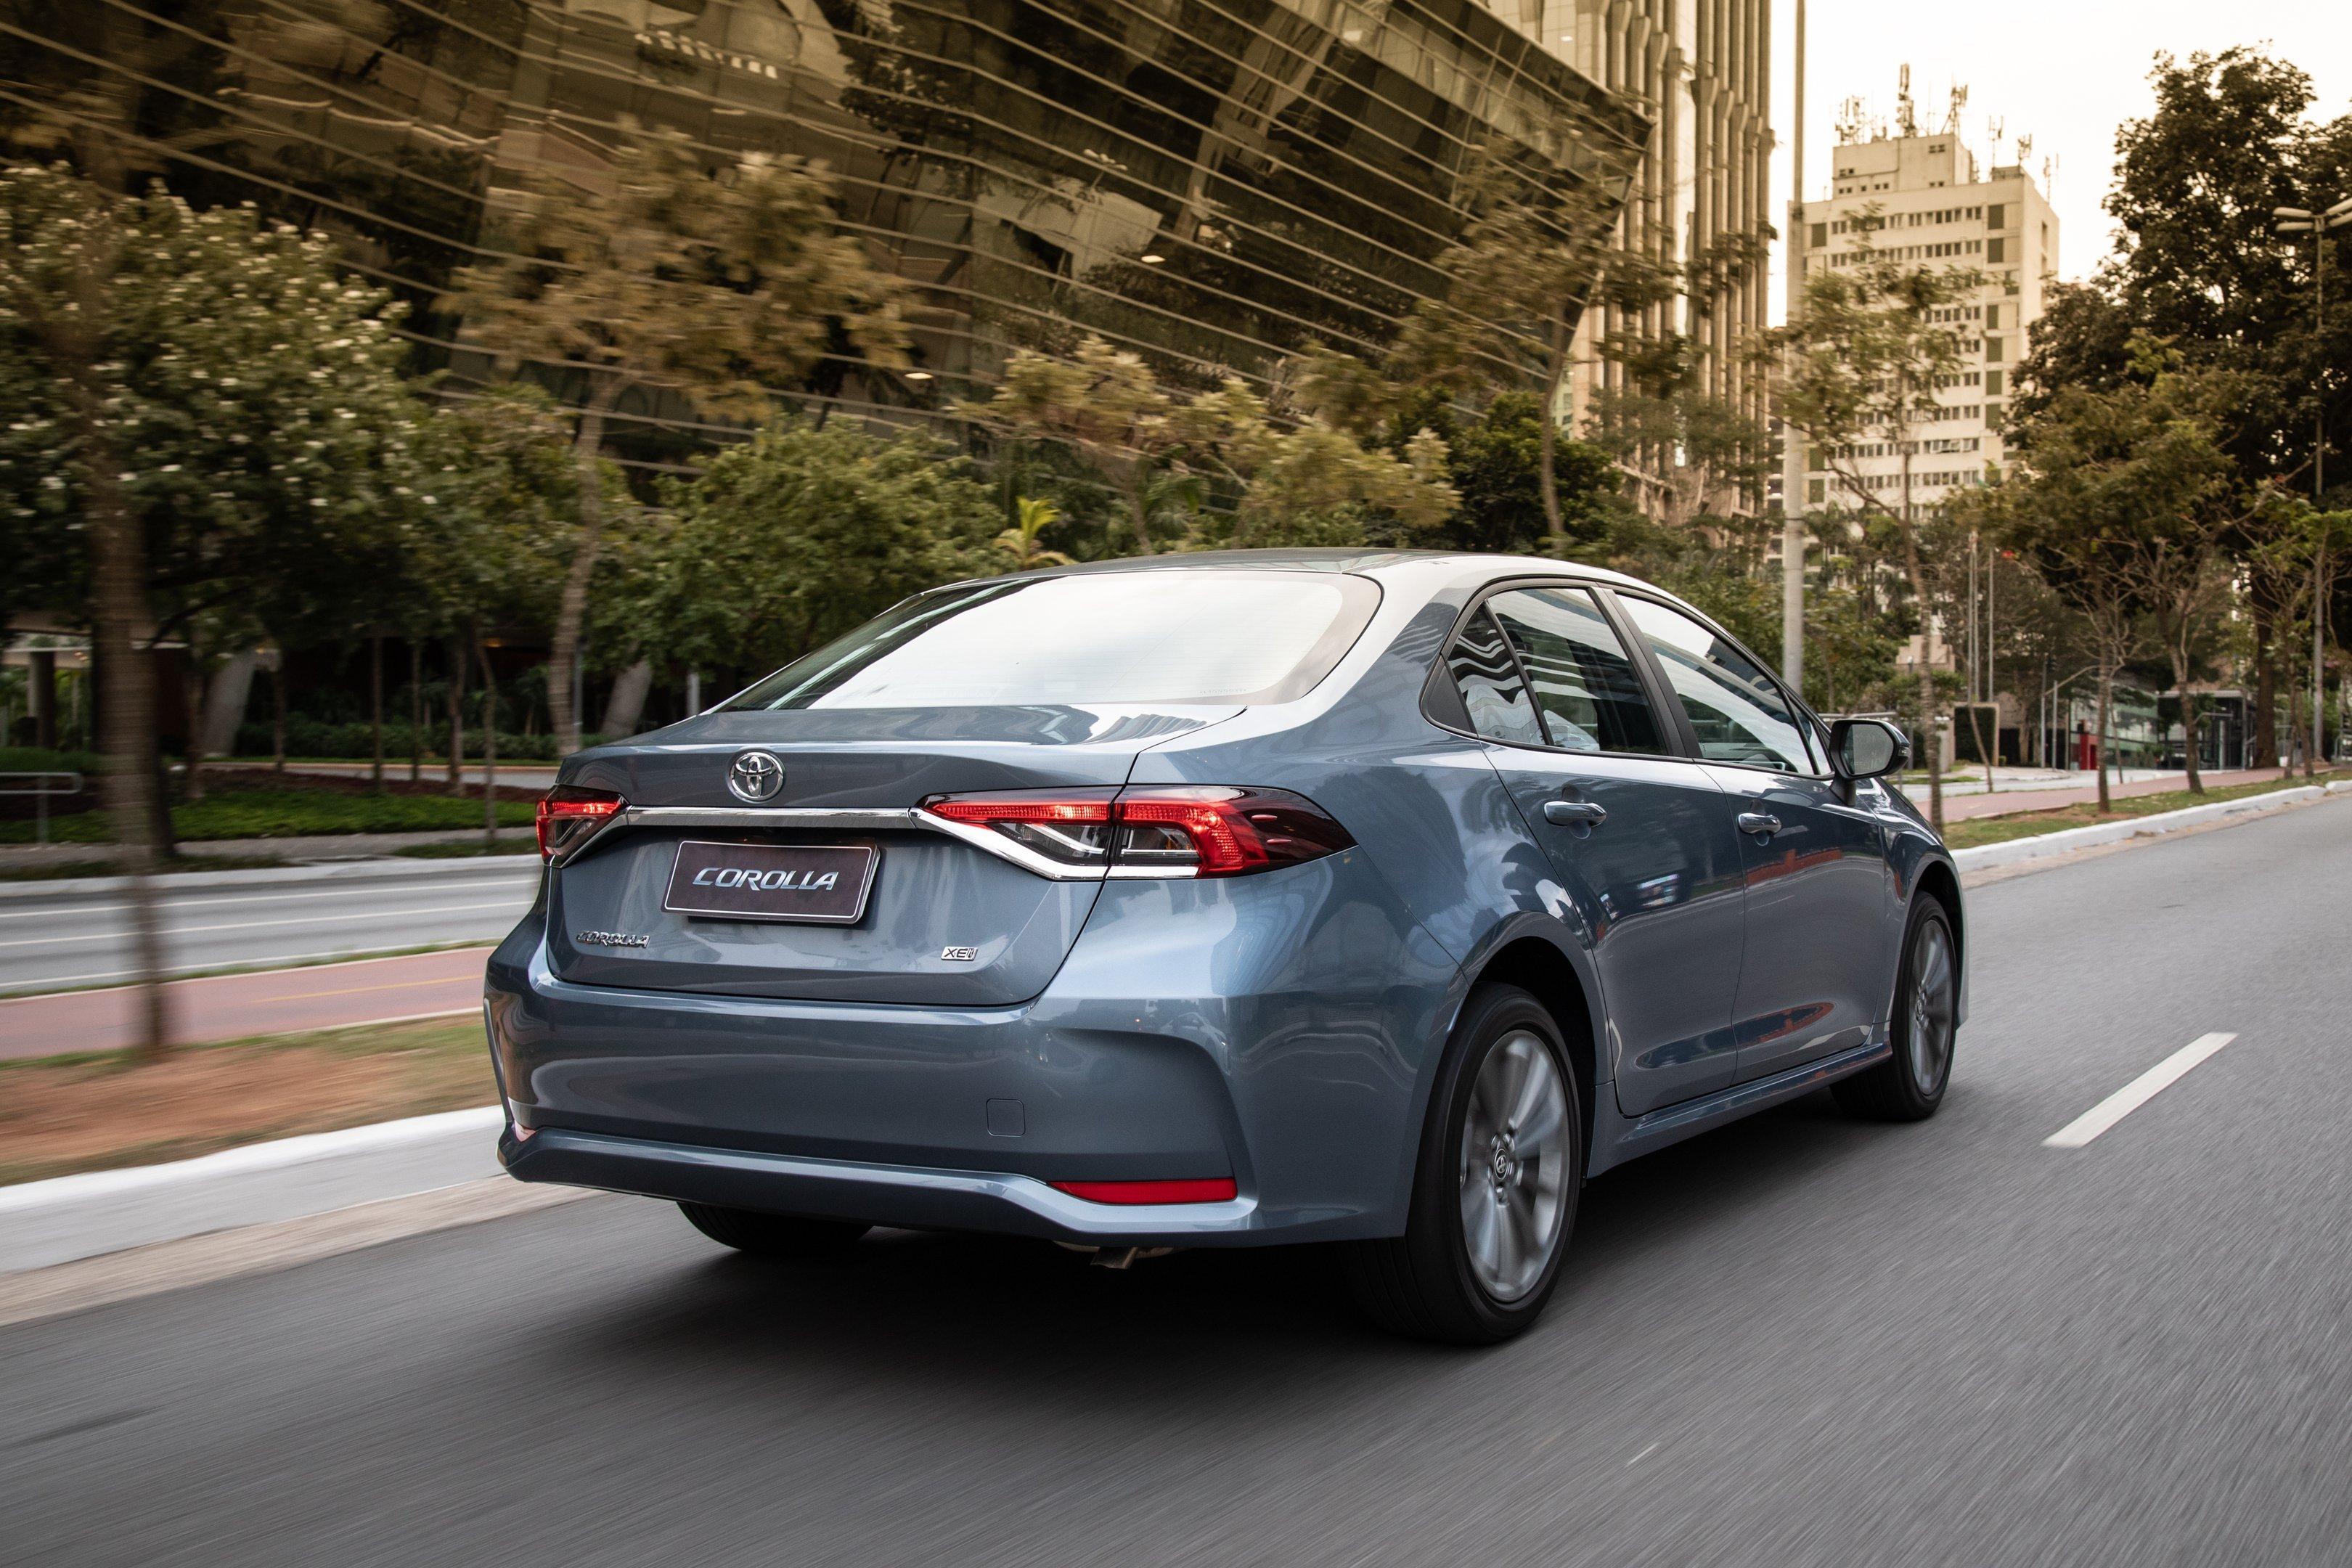 Toyota Corolla 2020: expectativa de 4.500 unidades vendidas por mês